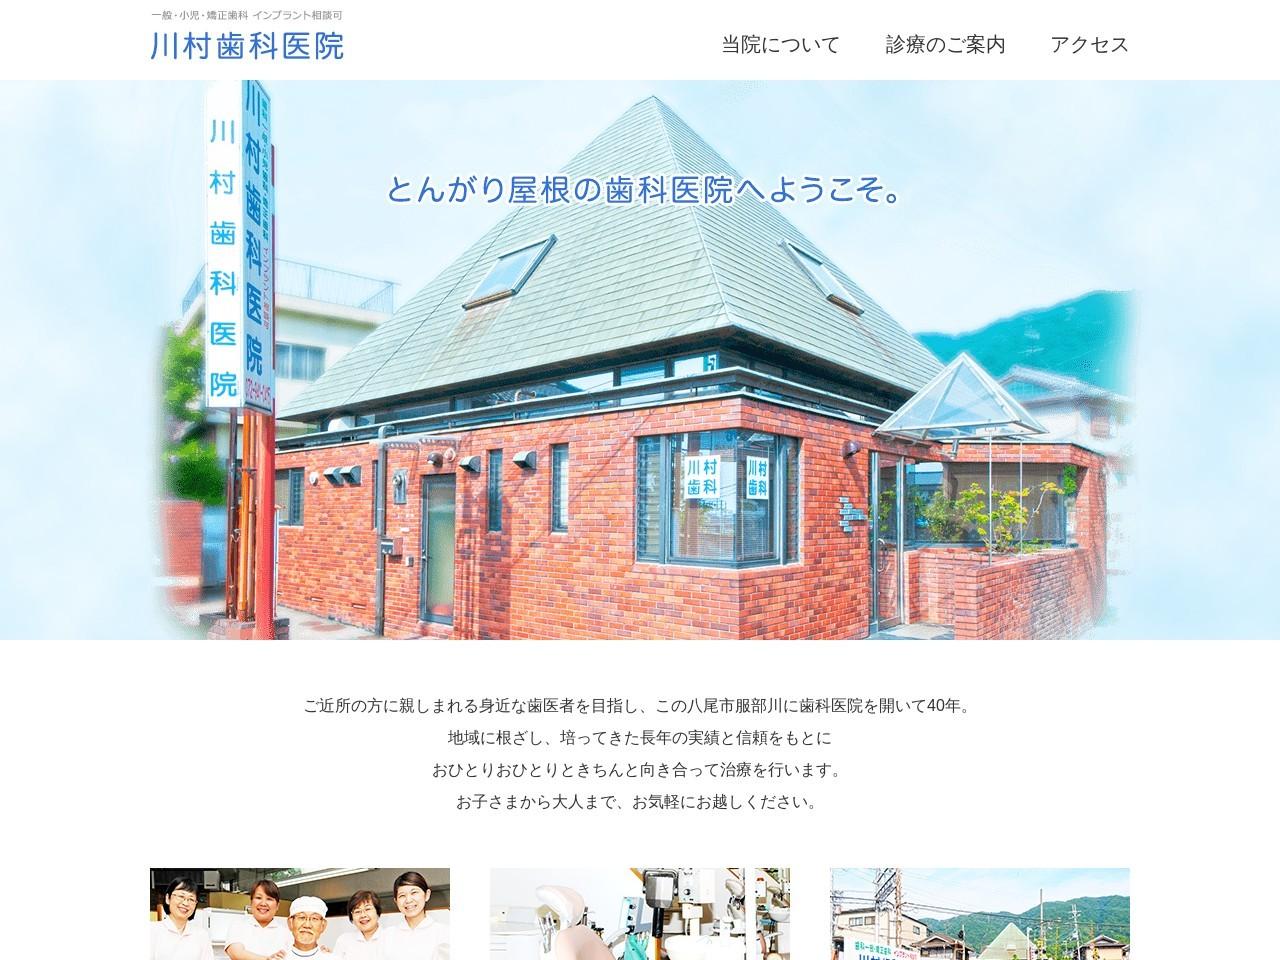 川村歯科医院 (大阪府八尾市)